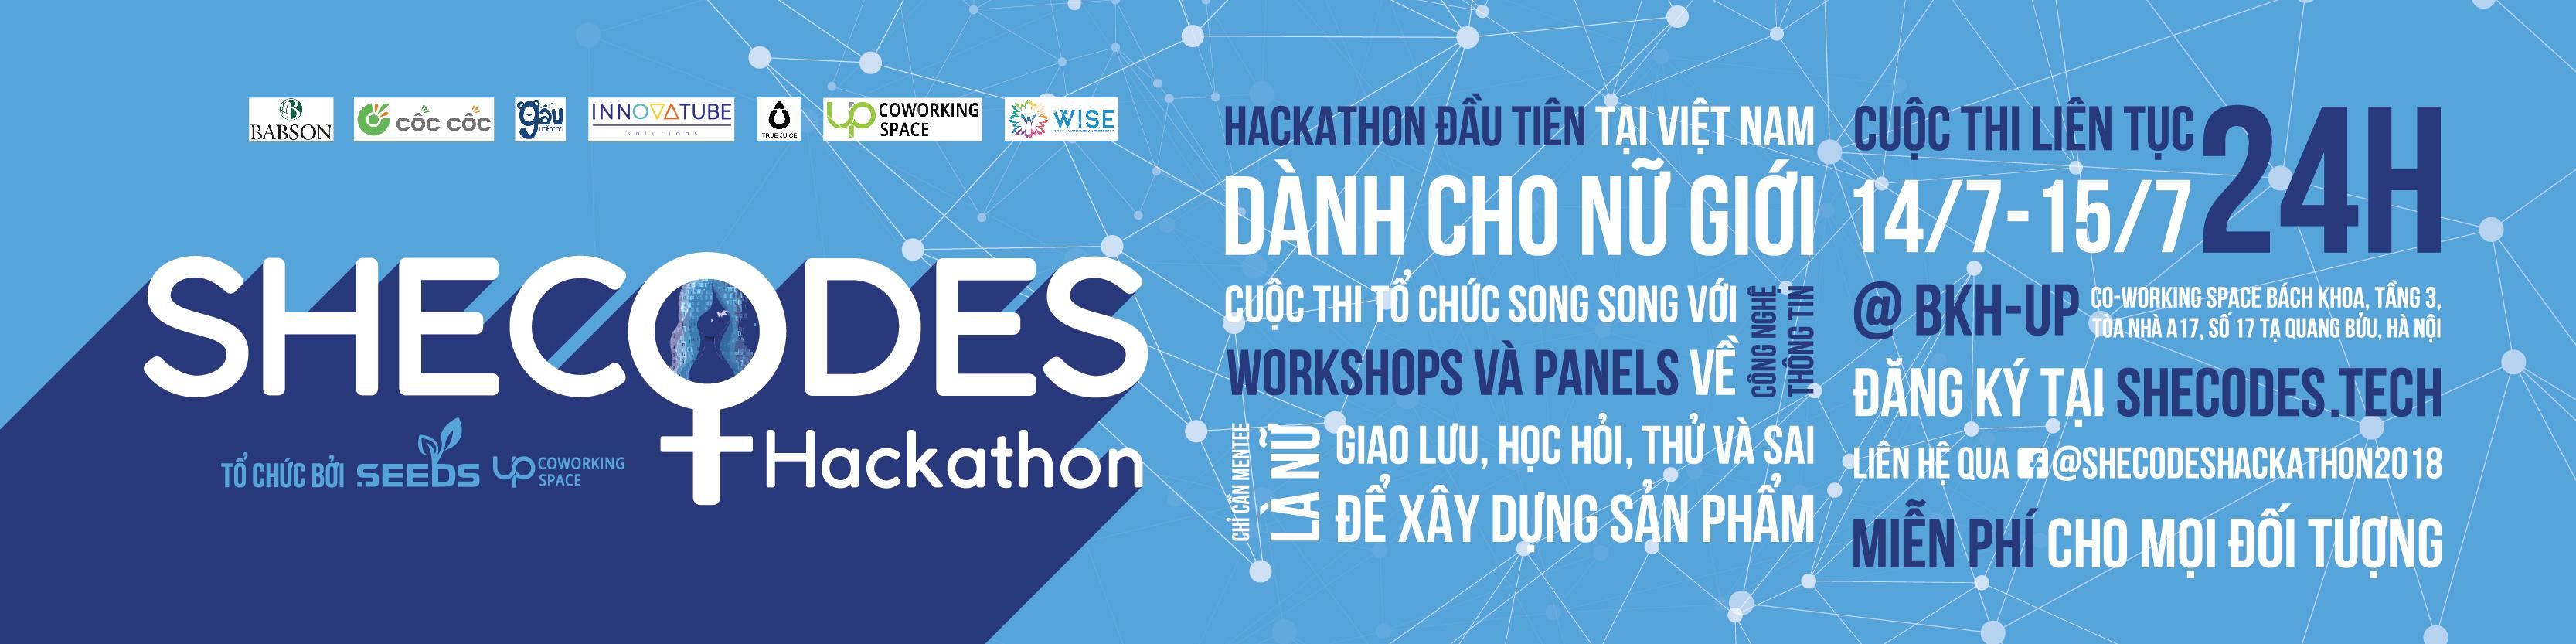 SheCodes Hackathon 2018